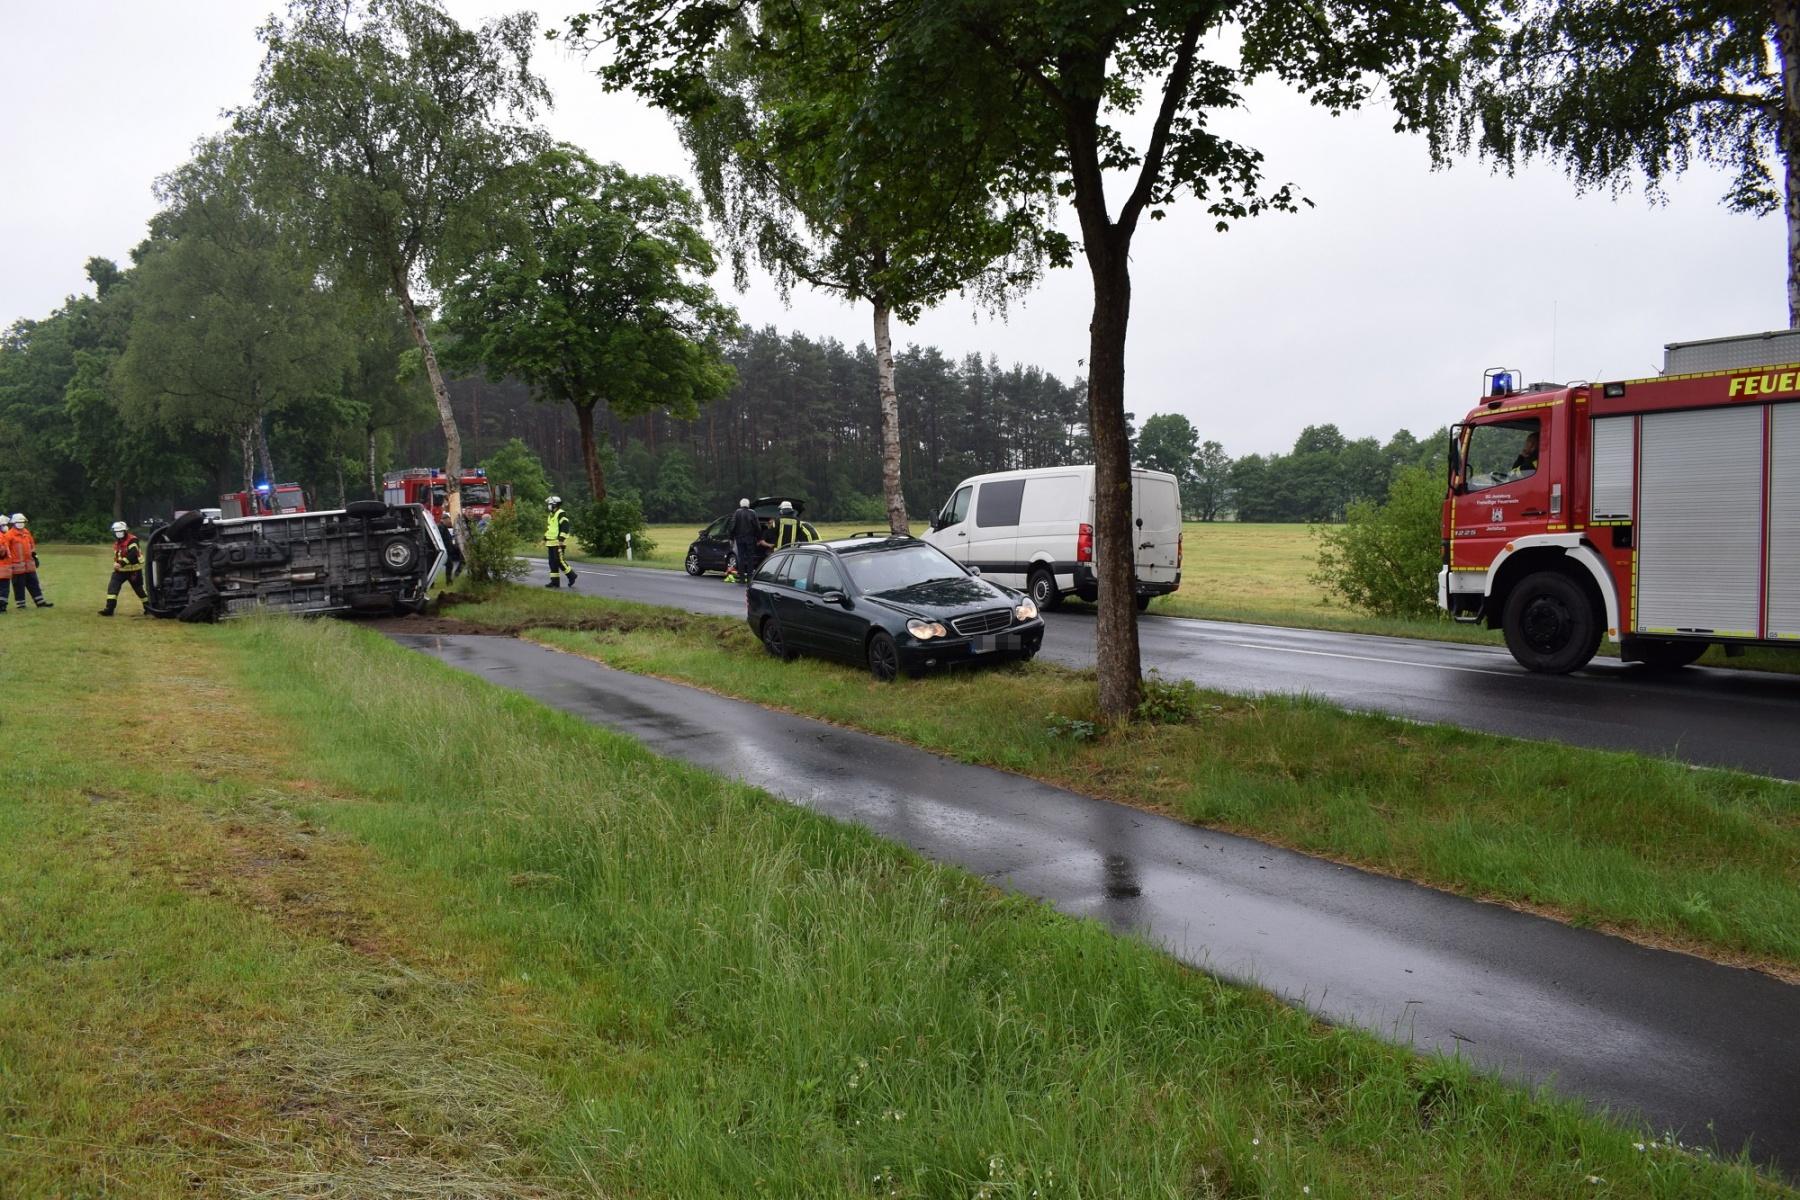 2020_06_11_Verkehrsunfall-Hanstedt-Bild-3